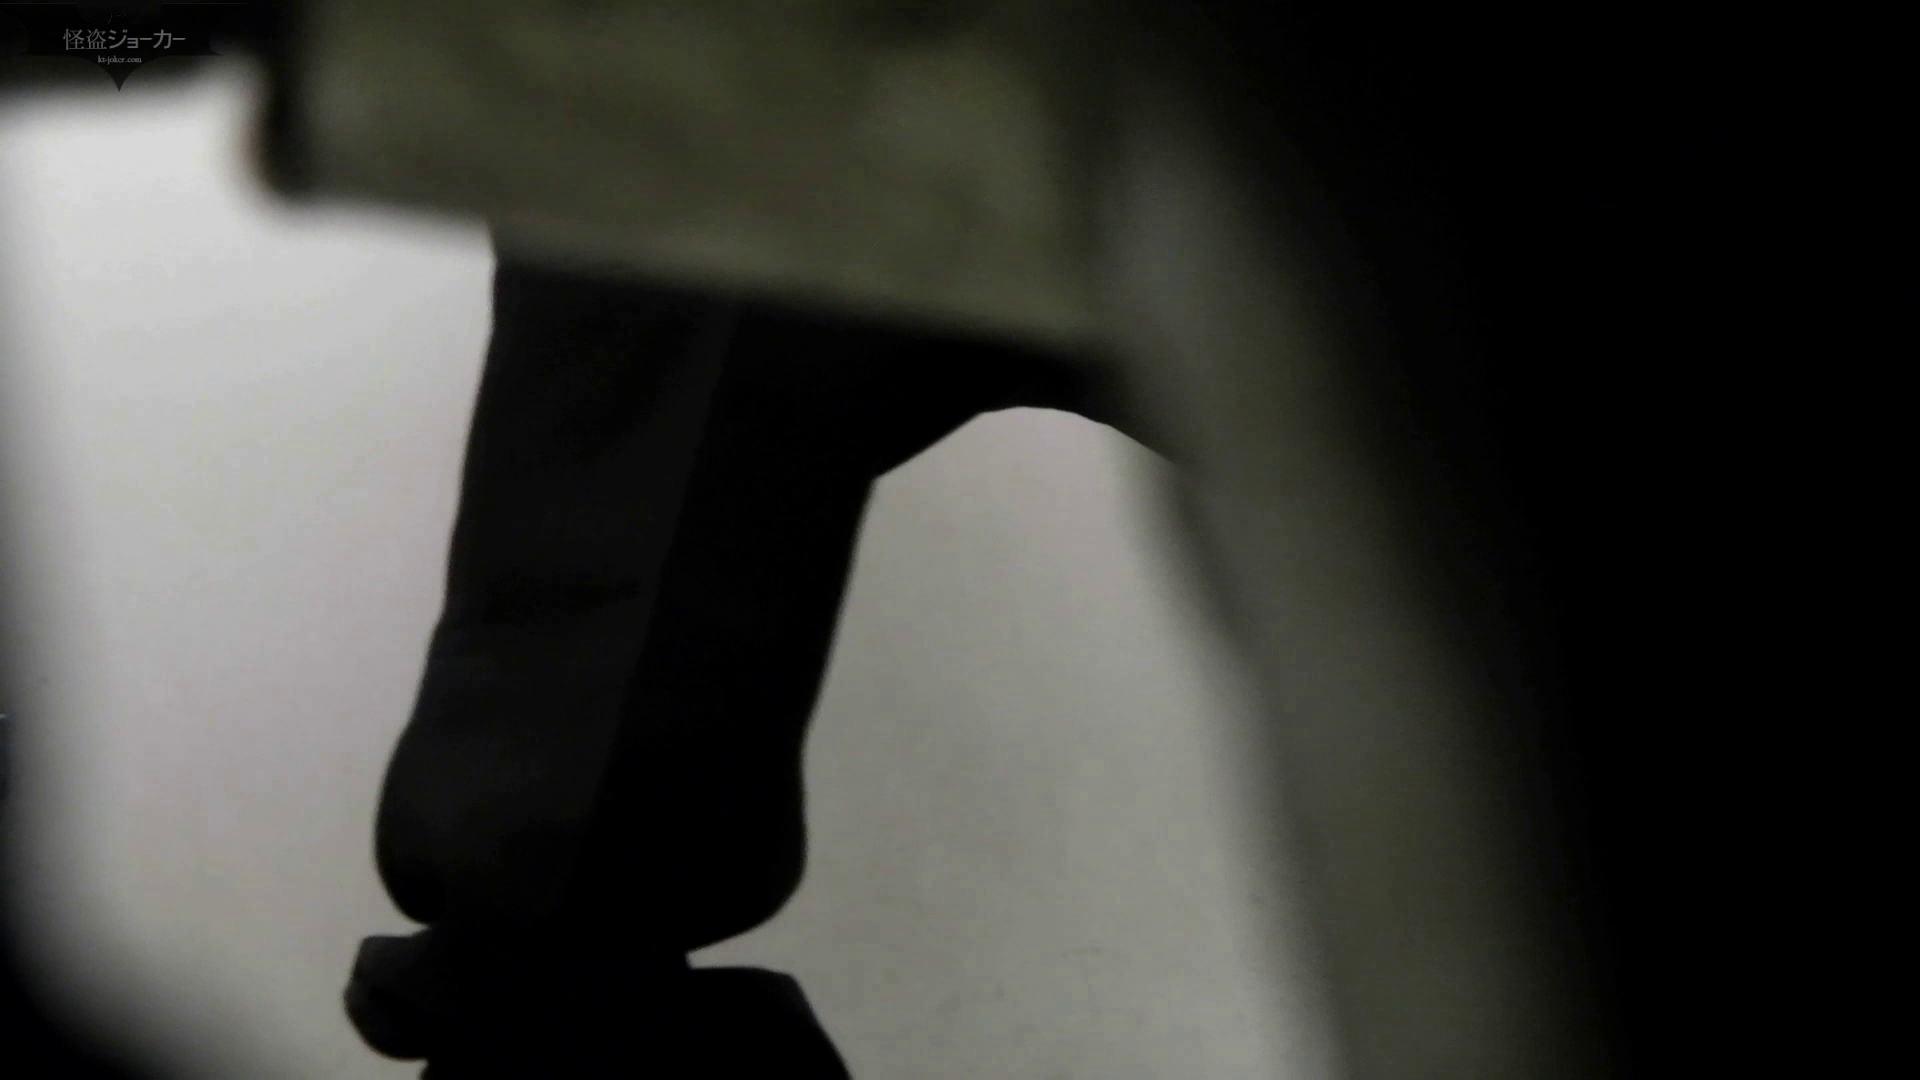 【美しき個室な世界】洗面所特攻隊 vol.046 更に進化【2015・07位】 ギャル攻め おめこ無修正動画無料 91画像 56